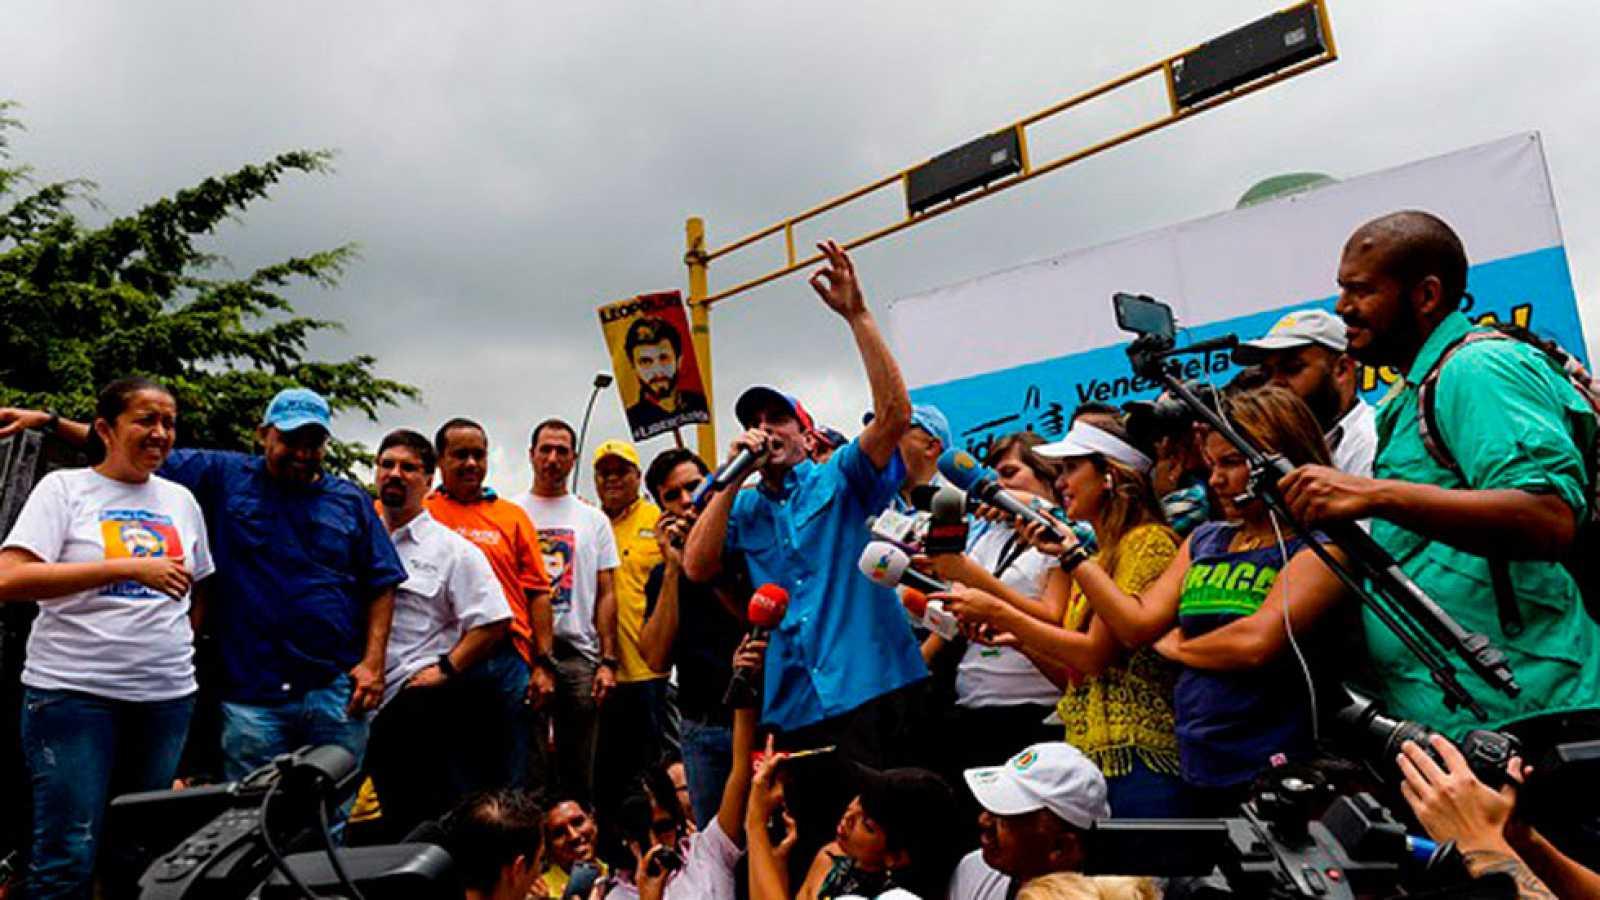 Propuesta de referéndum en Venezuela para destituir  del poder a Nicolás Maduro